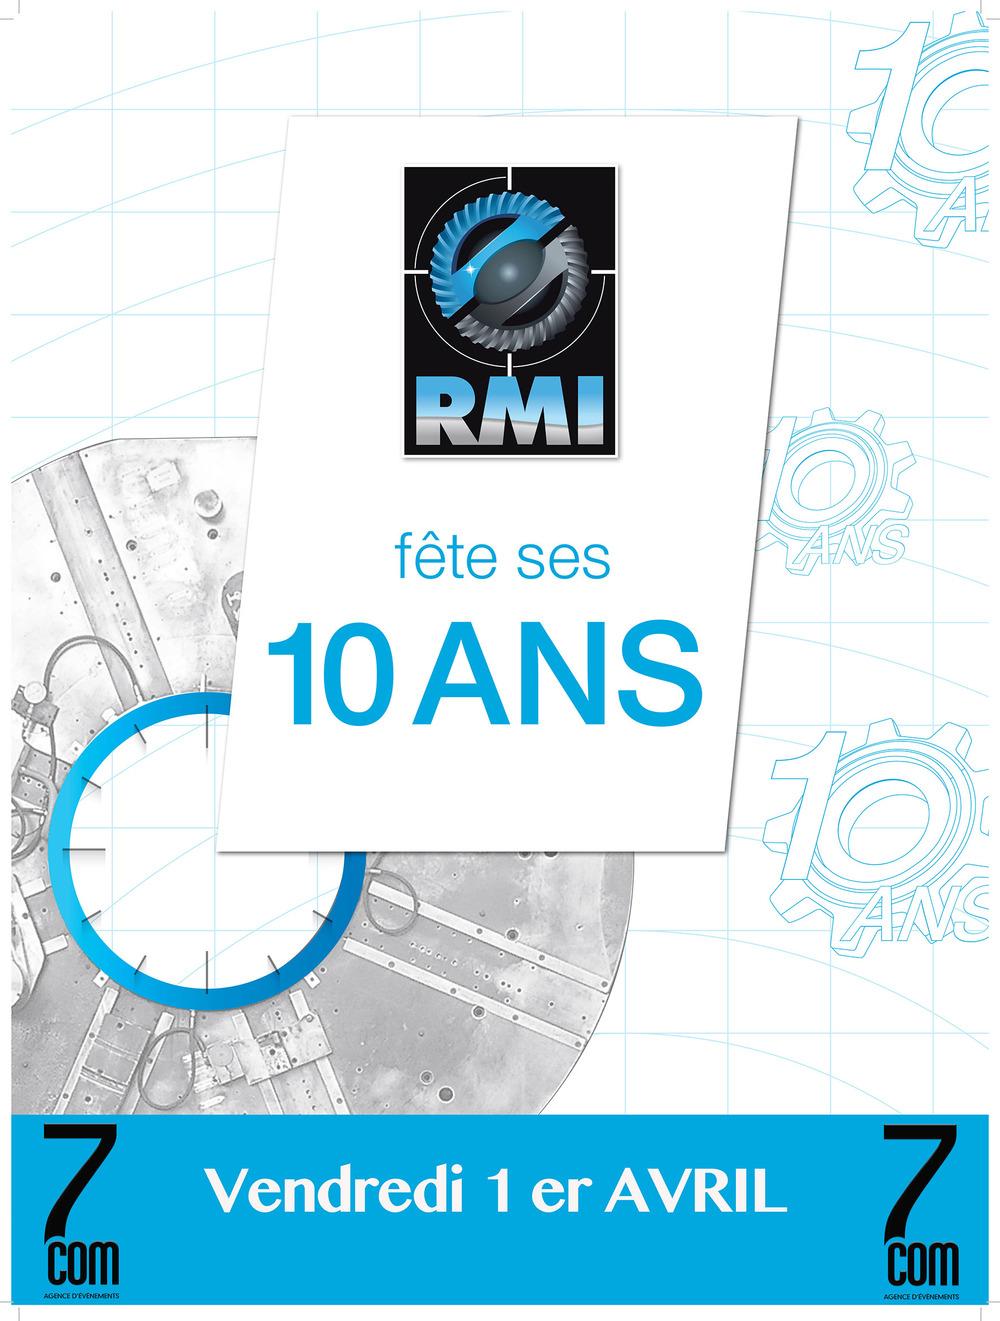 Visu RMI 10 Ans 7com SITE.jpg